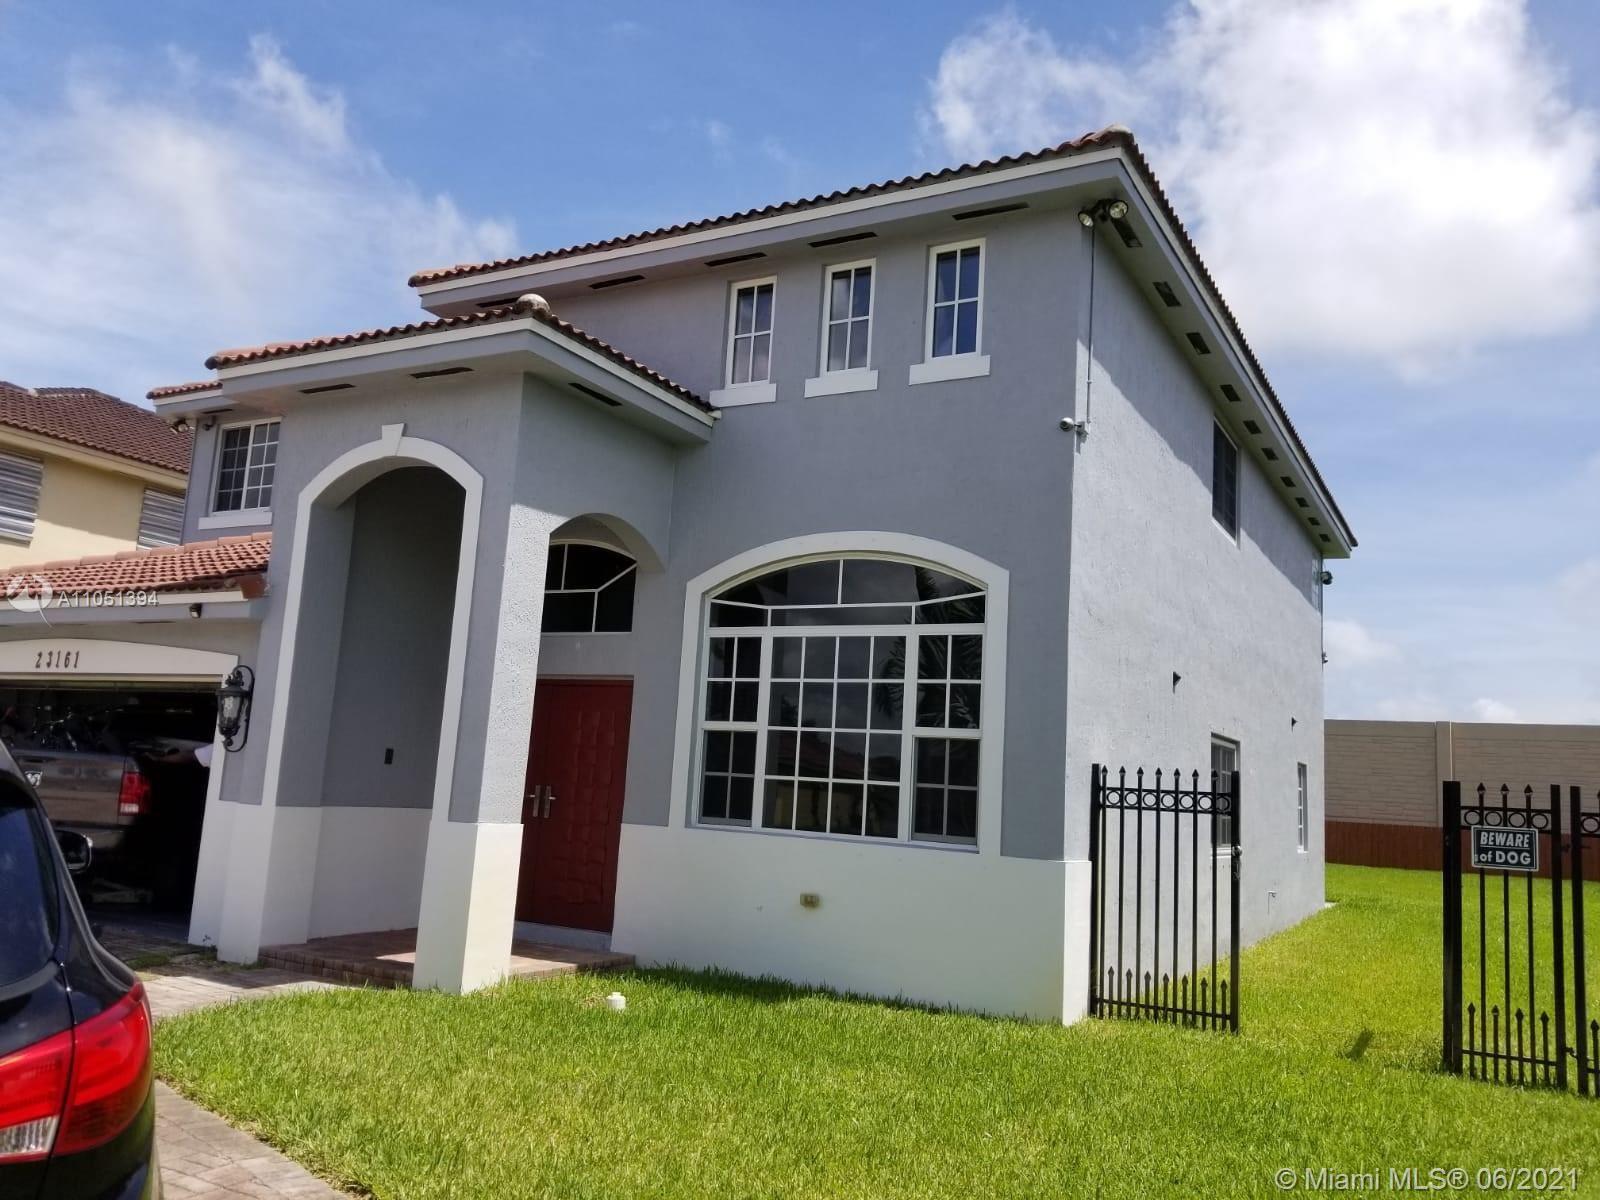 23161 SW 107th Ave, Miami, FL 33170 - #: A11051394